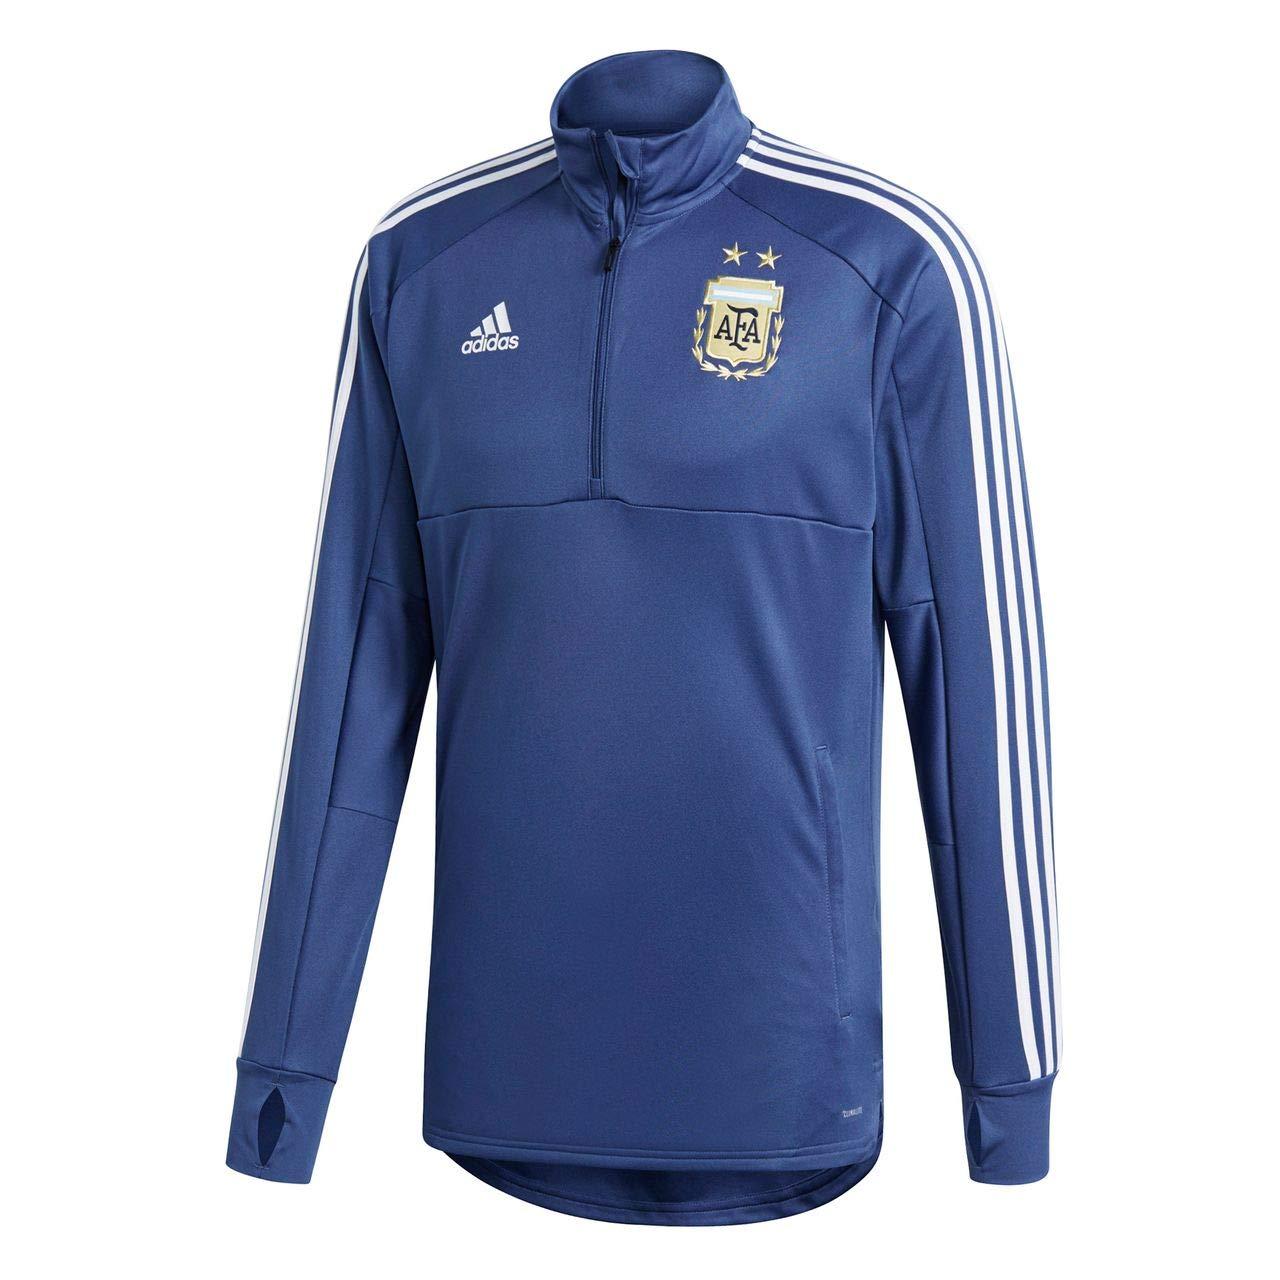 Adidas AFA TR Top Sudadera de Entrenamiento Argentina, Hombre: Amazon.es: Deportes y aire libre